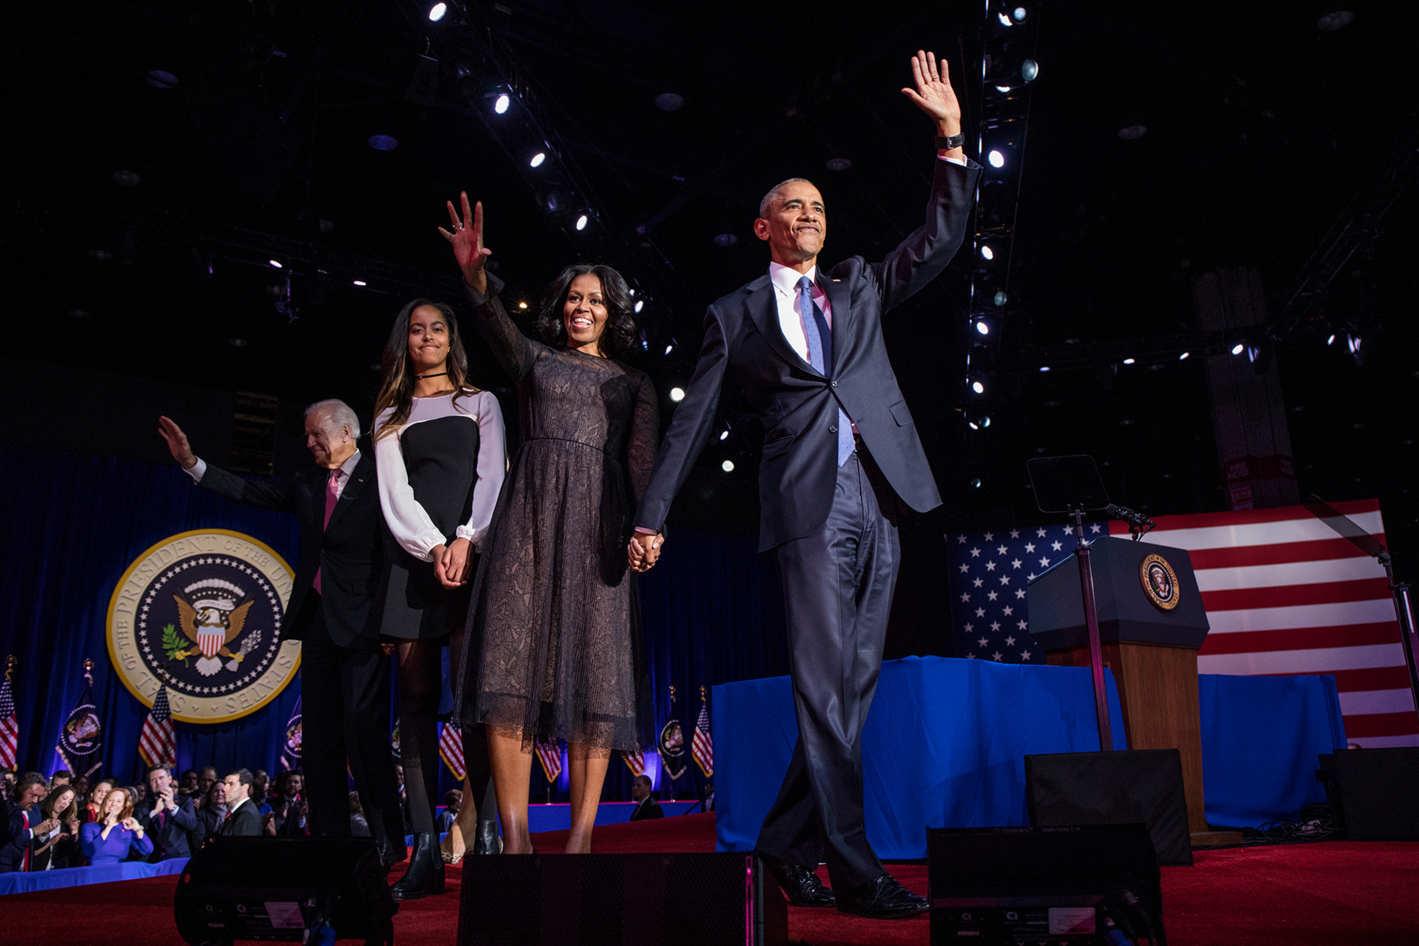 Обама и ео семья на прощальной речи Фото: nymag.com